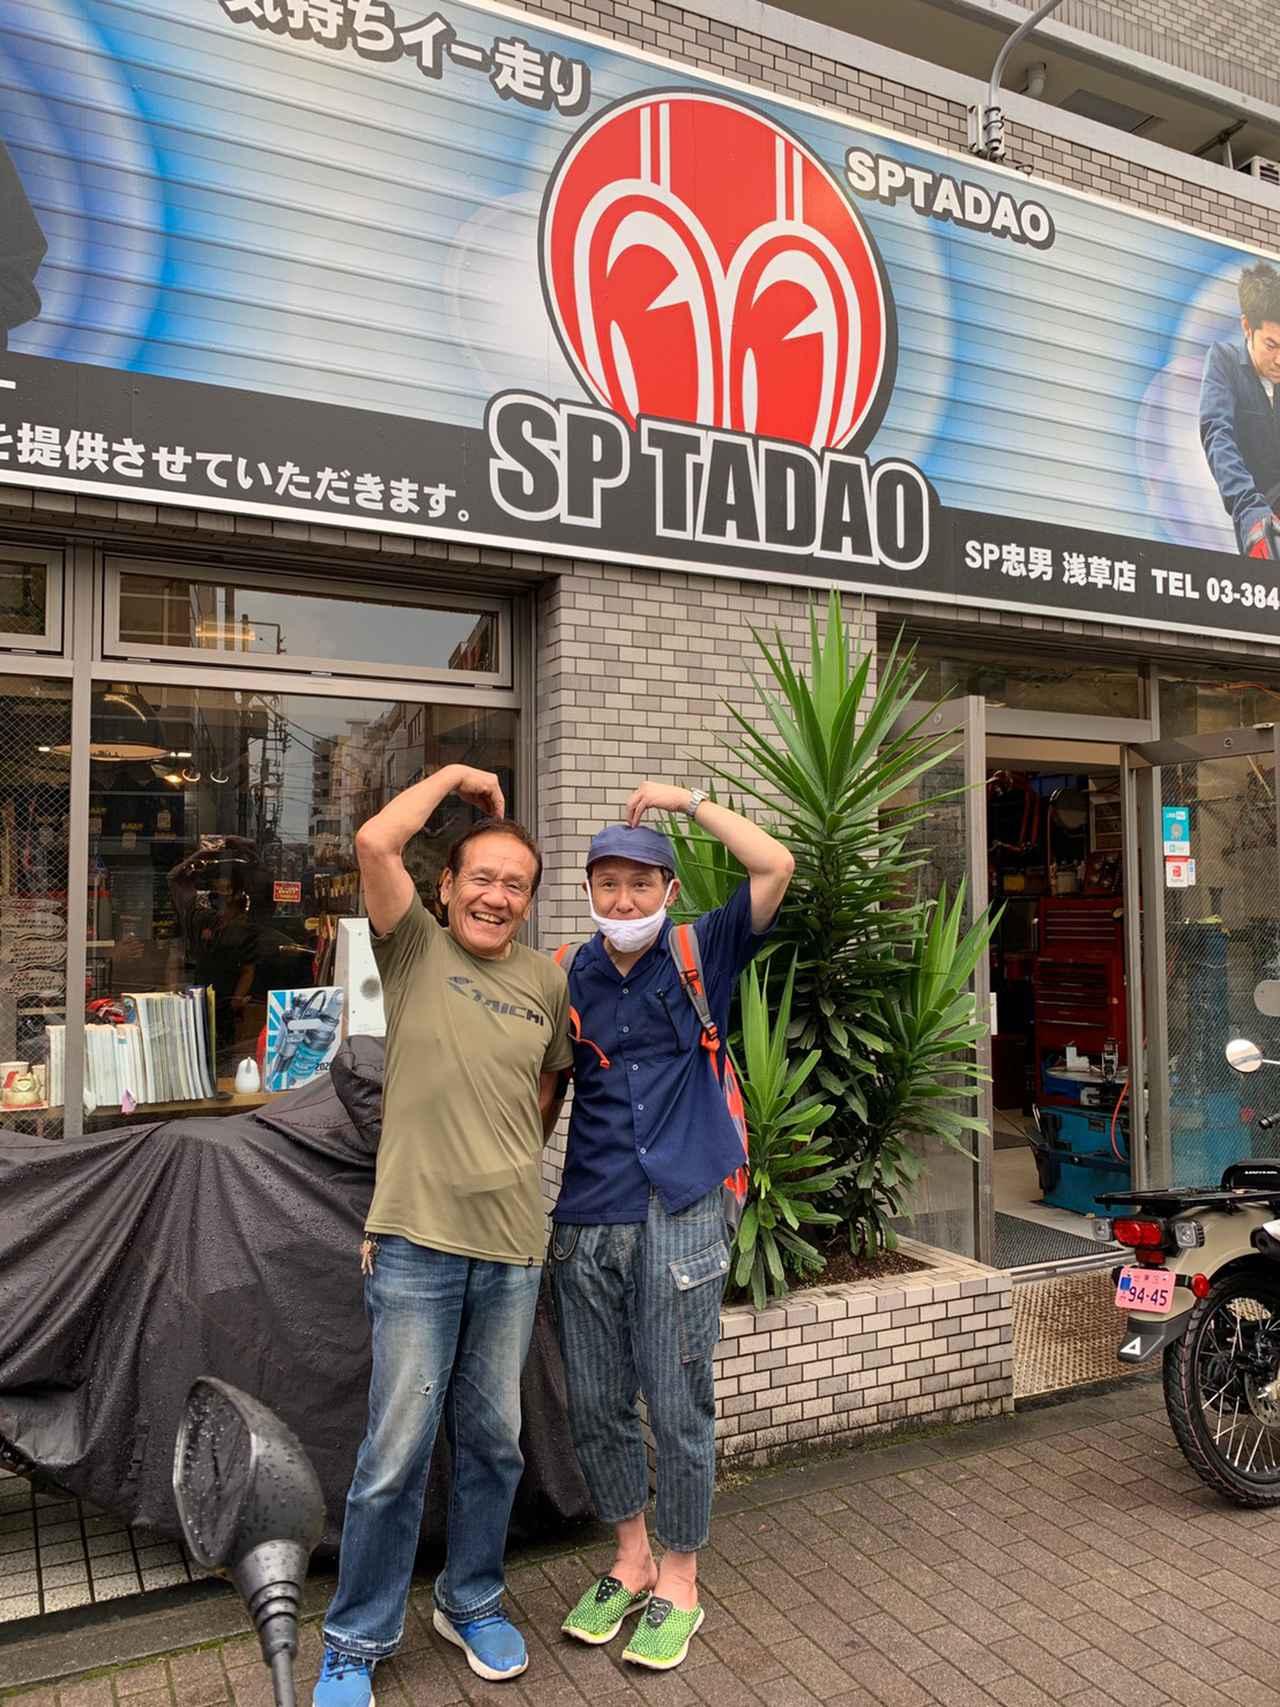 Images : 10番目の画像 - 「ハンターカブだよ! あたしも、カブ主になりました。(福山理子)」のアルバム - webオートバイ